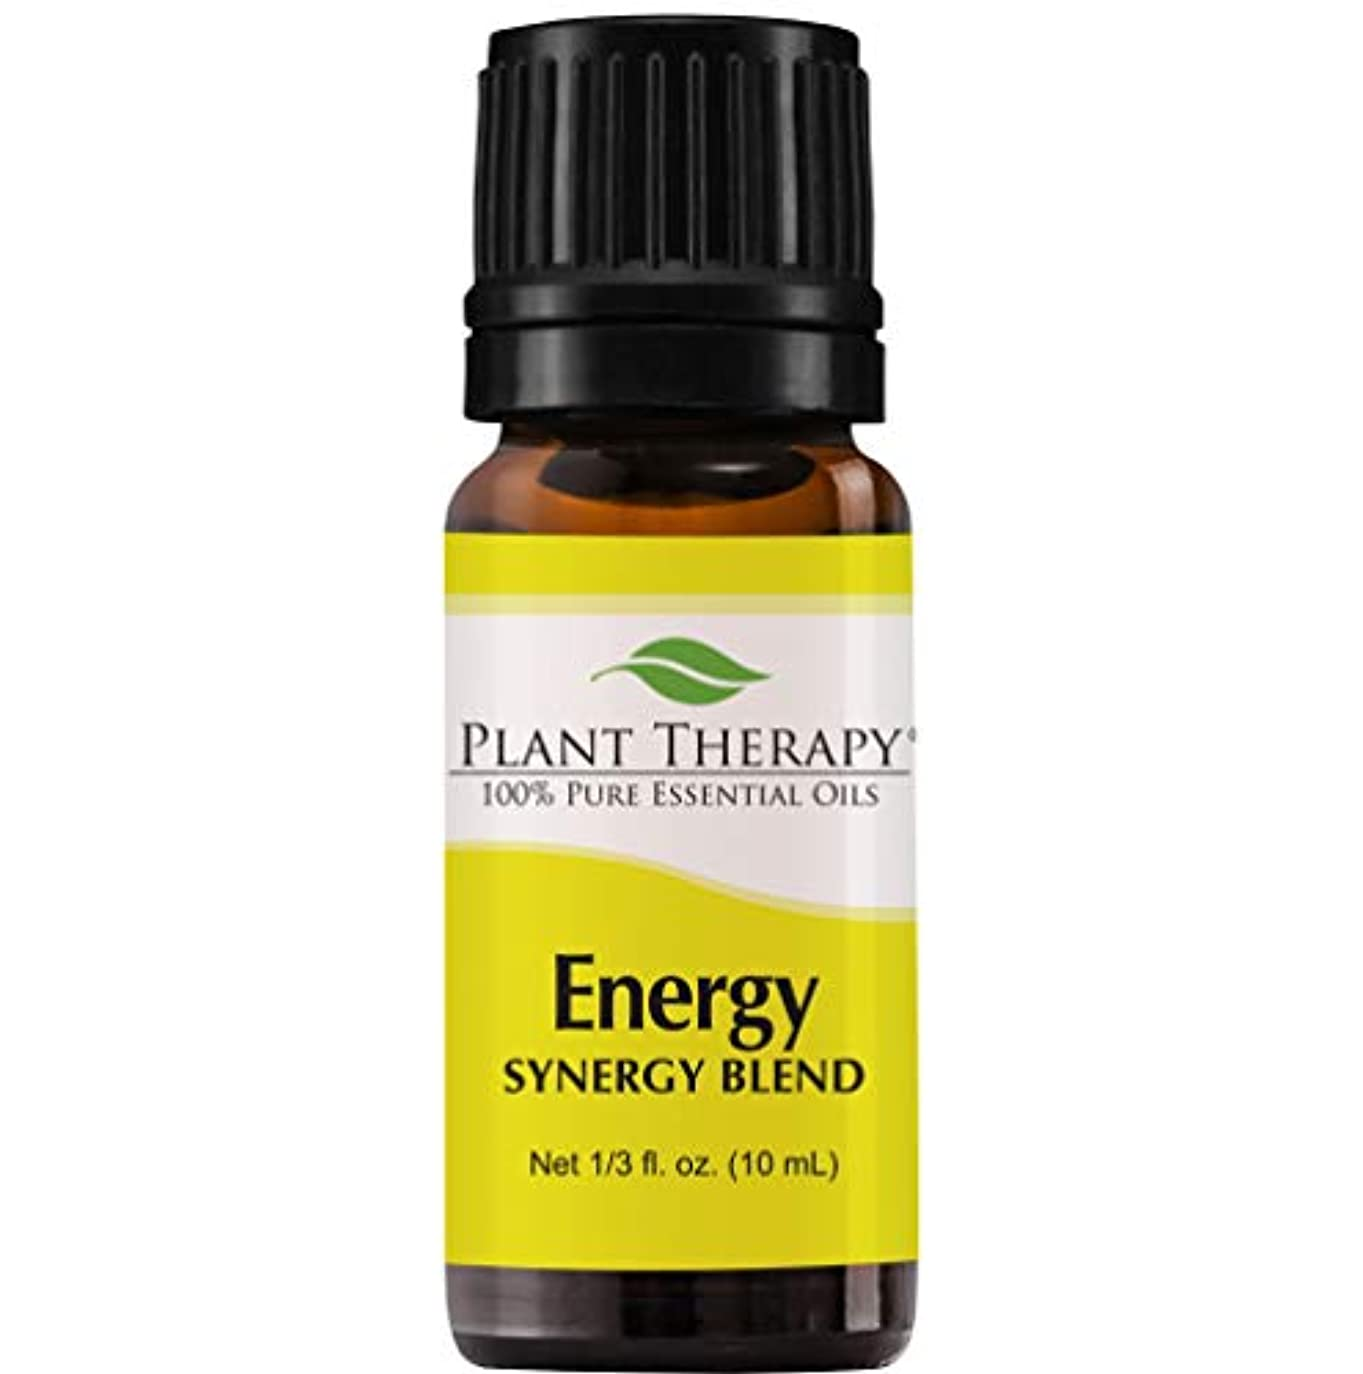 オペレーター外出シェルターPlant Therapy Essential Oils (プラントセラピー エッセンシャルオイル) エネルギー シネジー エッセンシャルオイル ブレンド (身体的エネルギー)10 ml